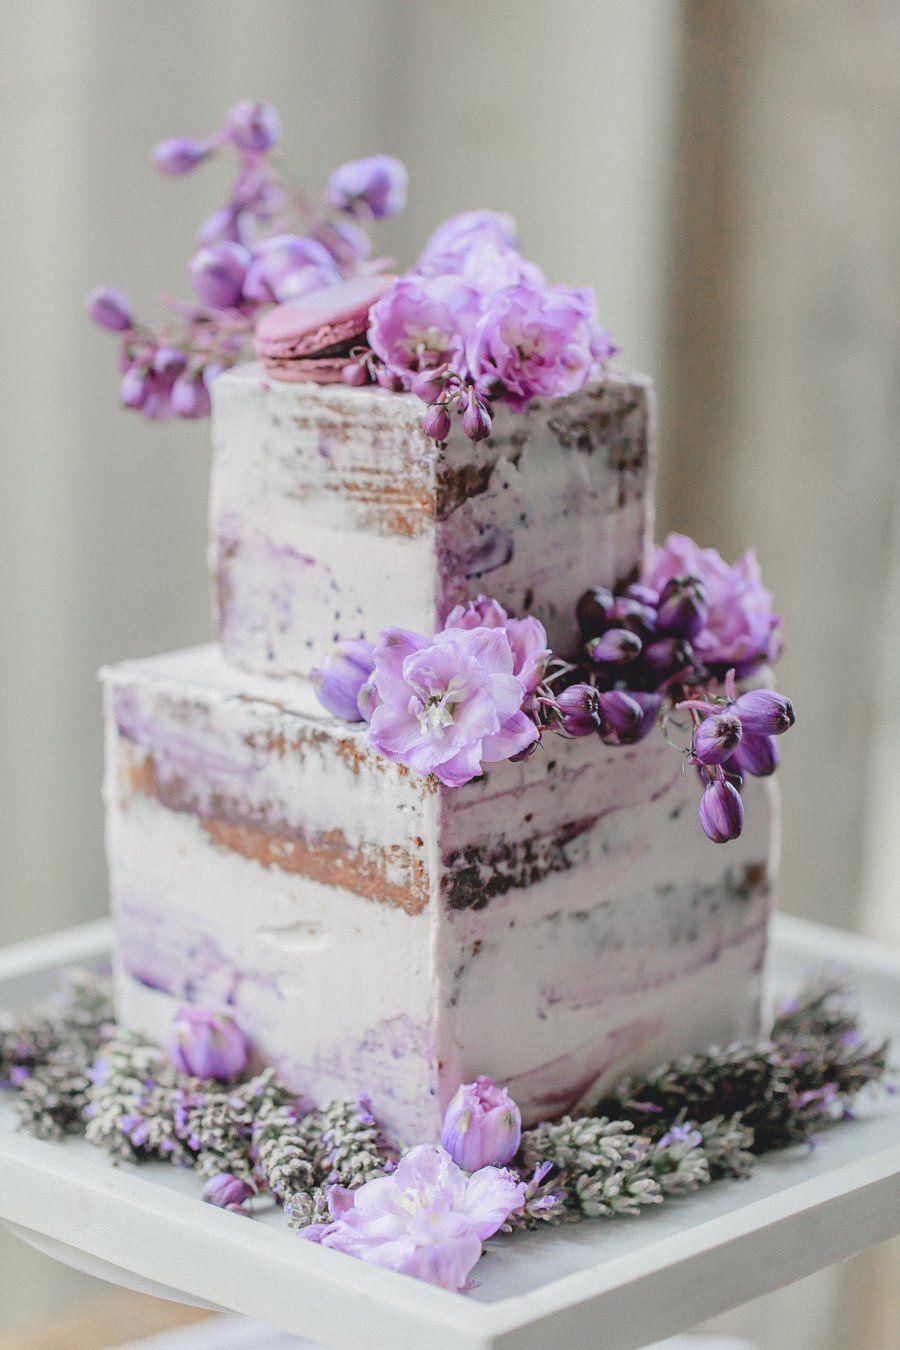 Schön Hochzeitstorte Lila Beste Wahl Hochzeitstorte-lila-2.jpg 900×1.350 Pixel